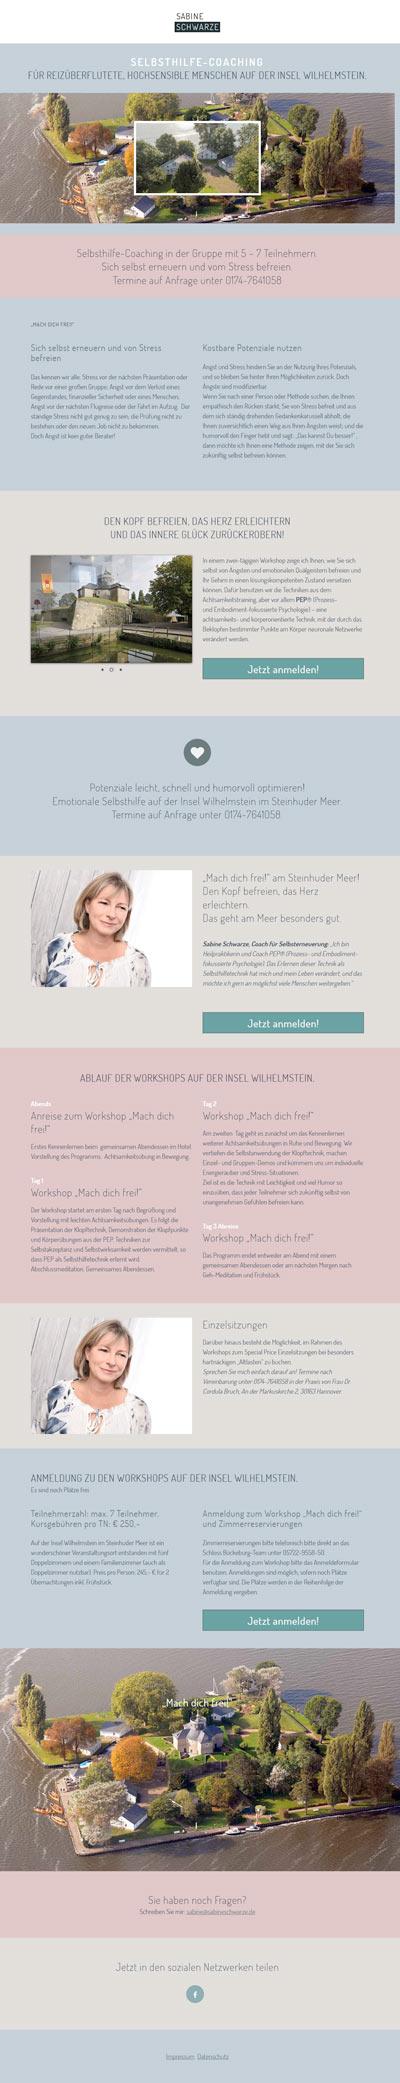 Landingpage für die Vermarktung eines Workshops auf der Insel Wilhelmstein.